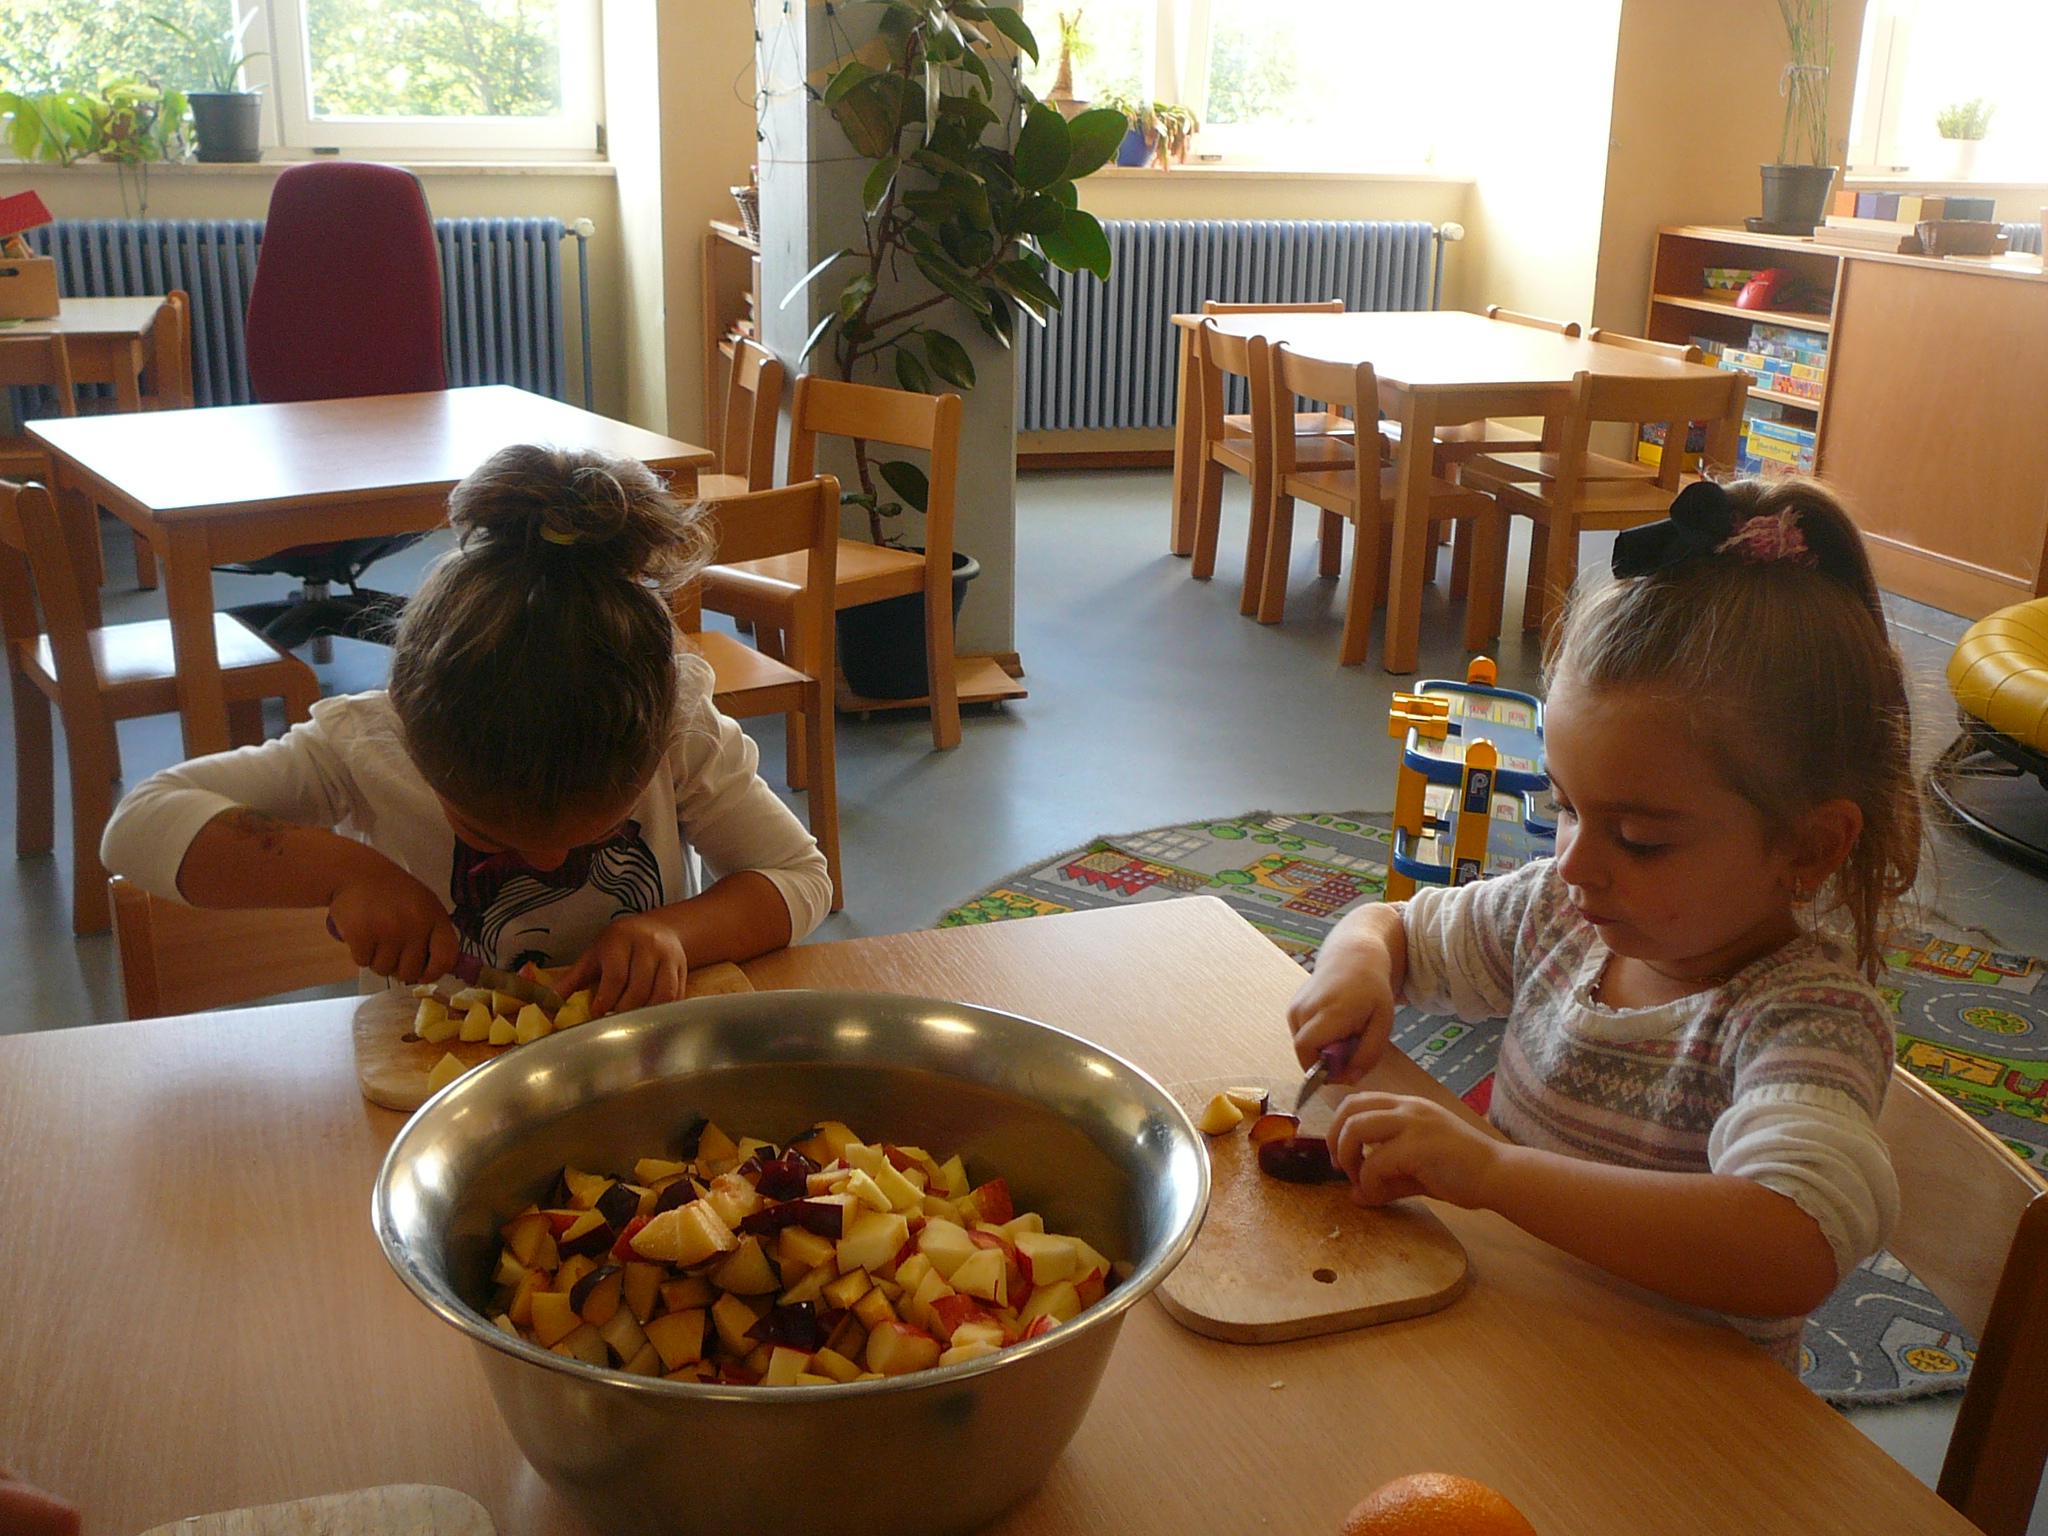 Erntedank im kindergarten heilig kreuz kindergarten - Angebote kindergarten sommer ...